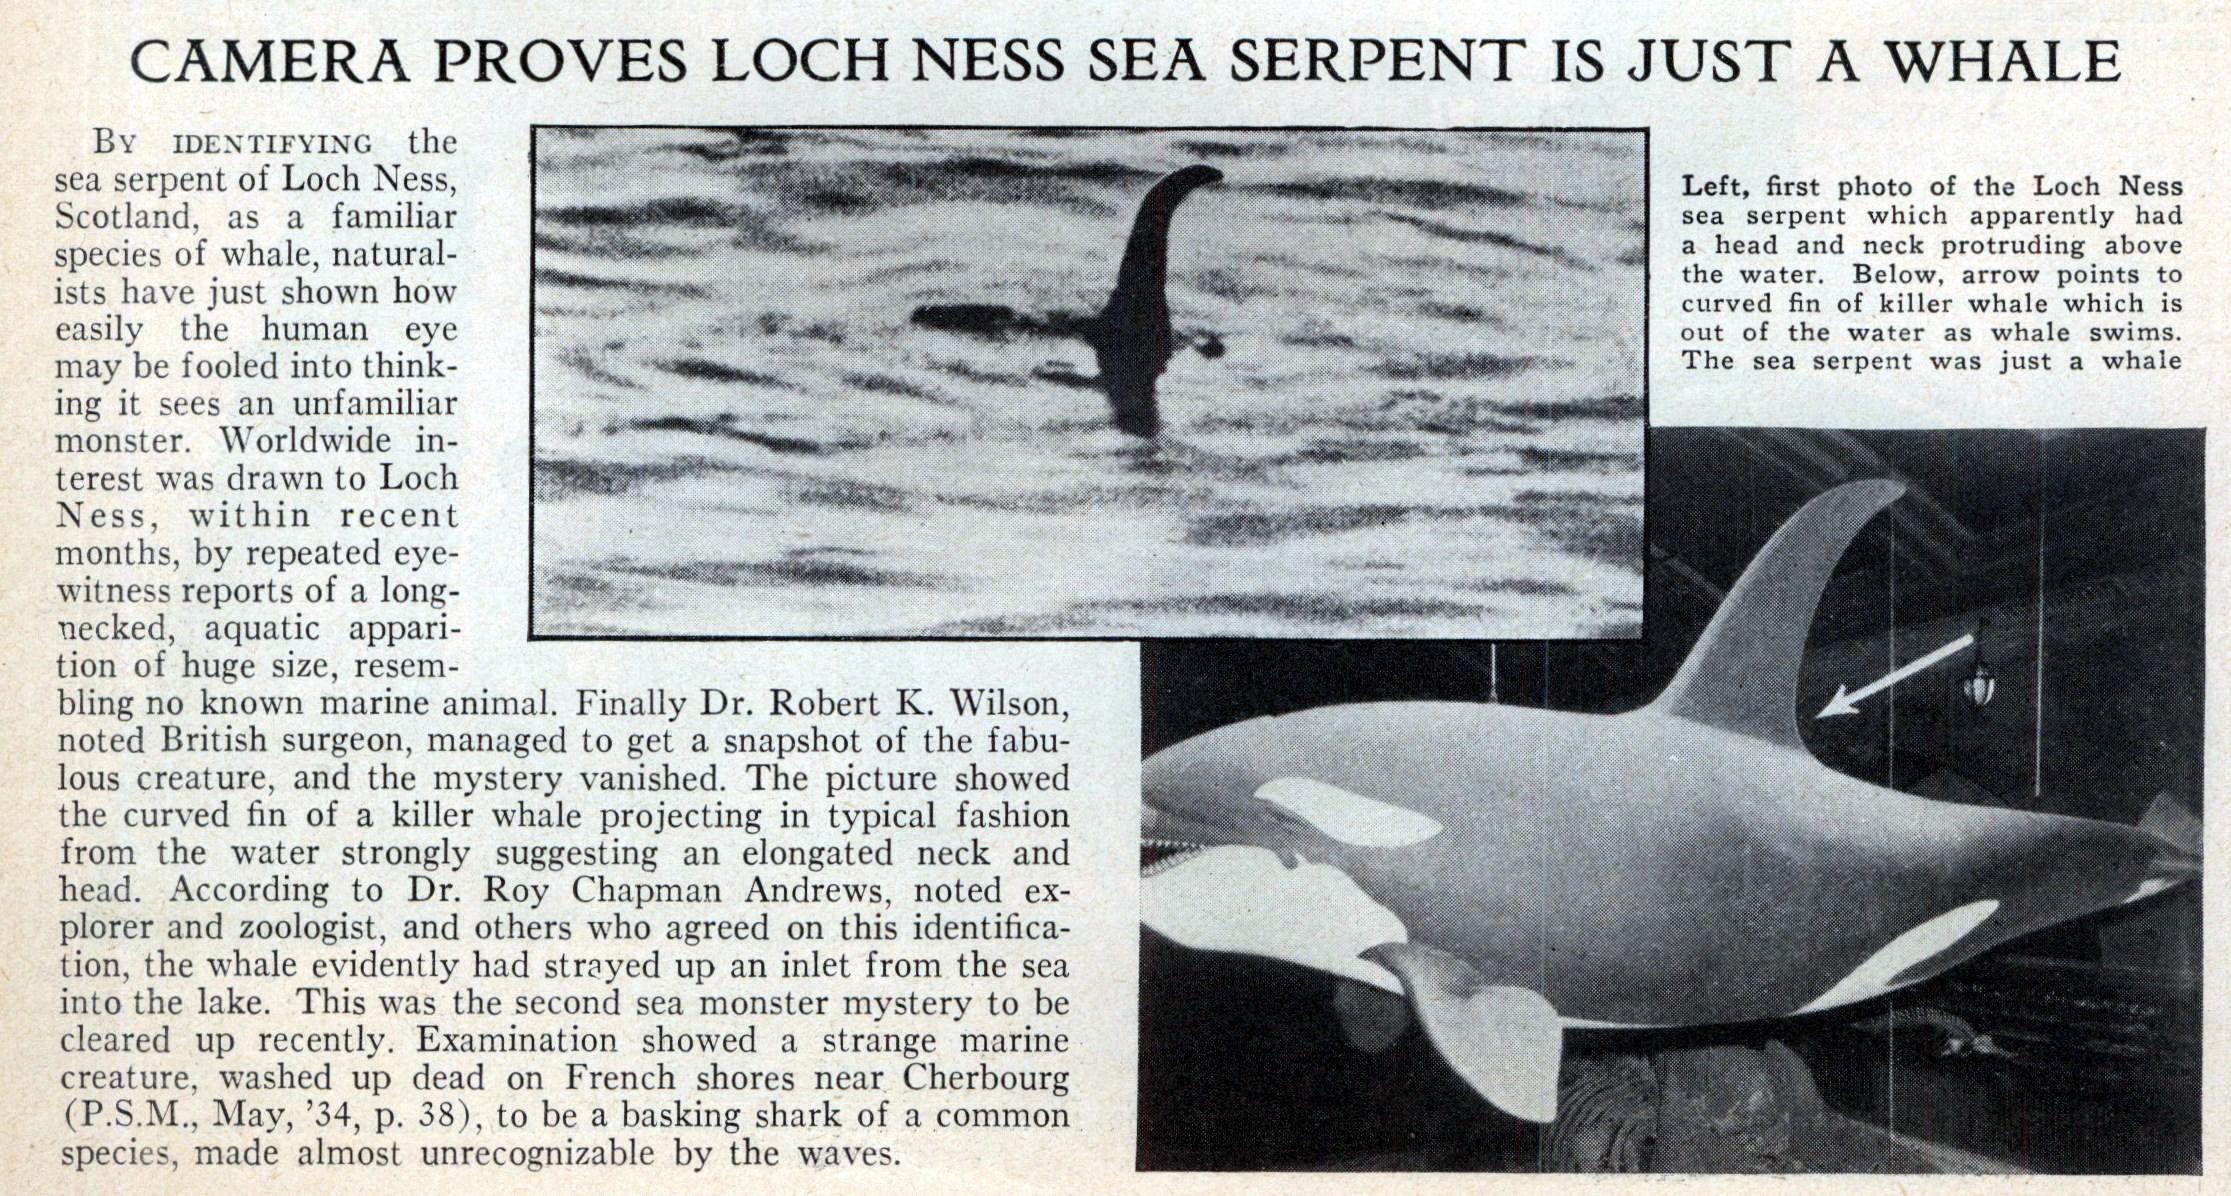 http://blog.modernmechanix.com/mags/PopularScience/7-1934/loch_ness_whale.jpg